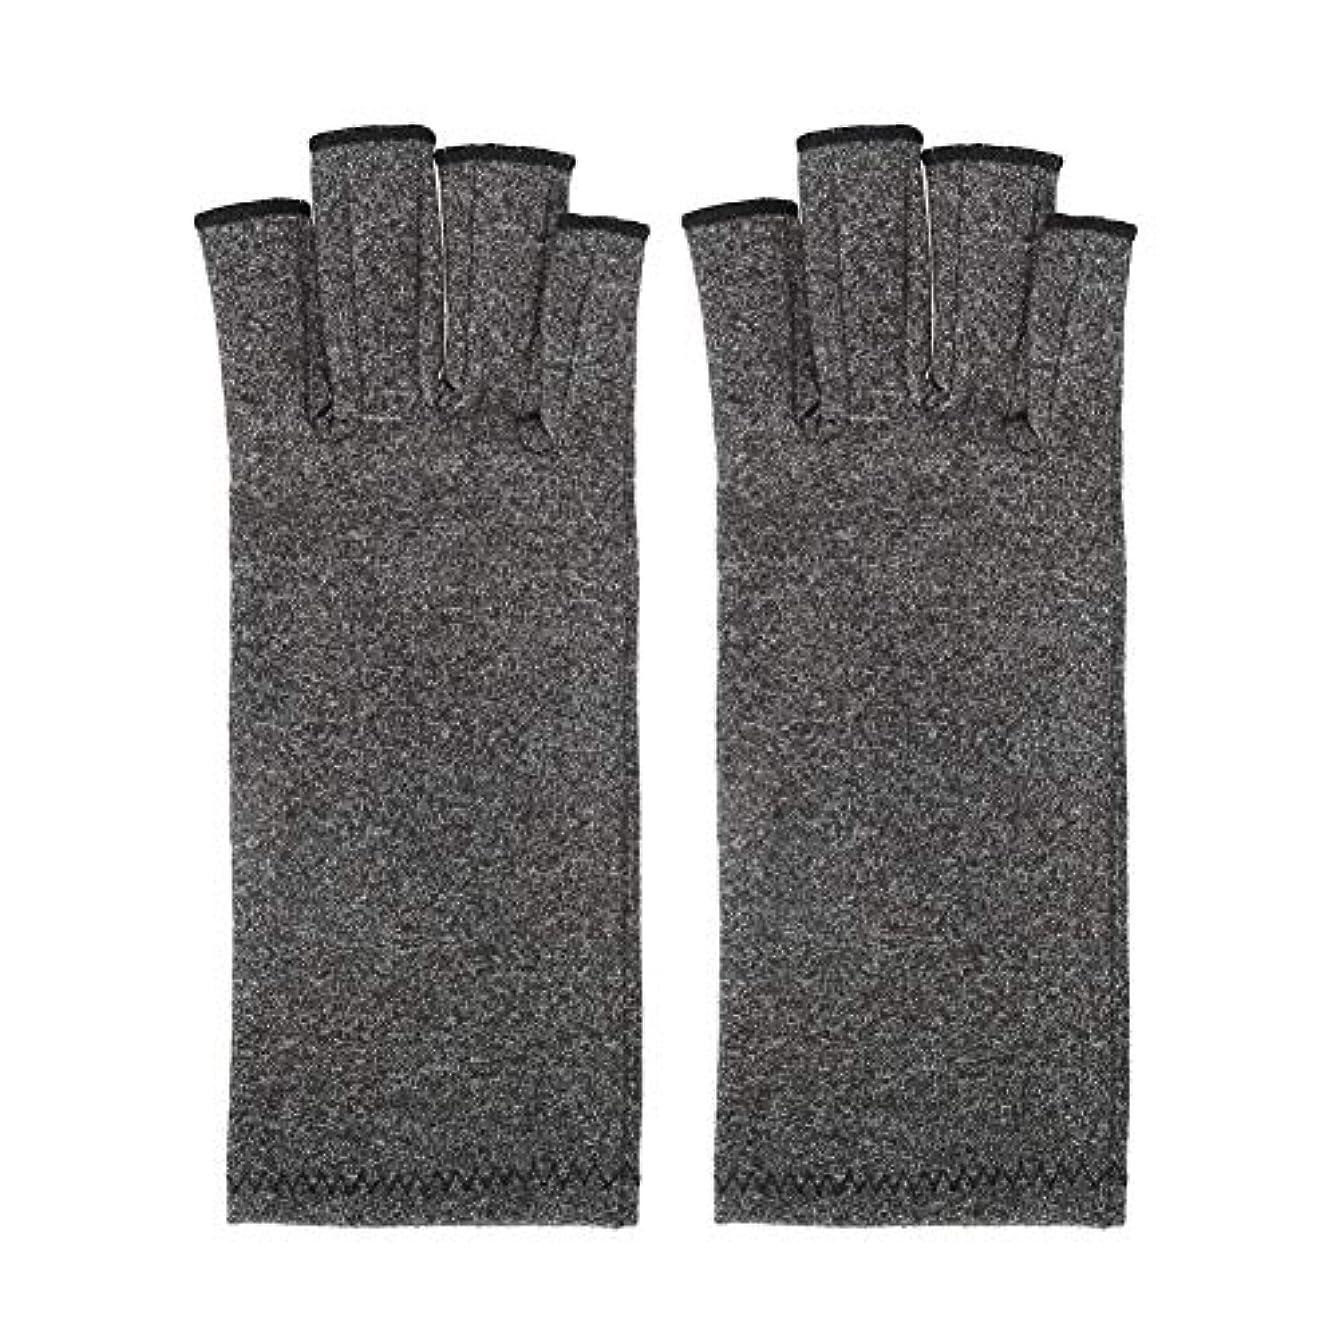 襲撃驚き定数抗関節炎手袋抗関節炎ヘルスケアリハビリテーショントレーニング手袋圧縮療法リウマチ性疼痛